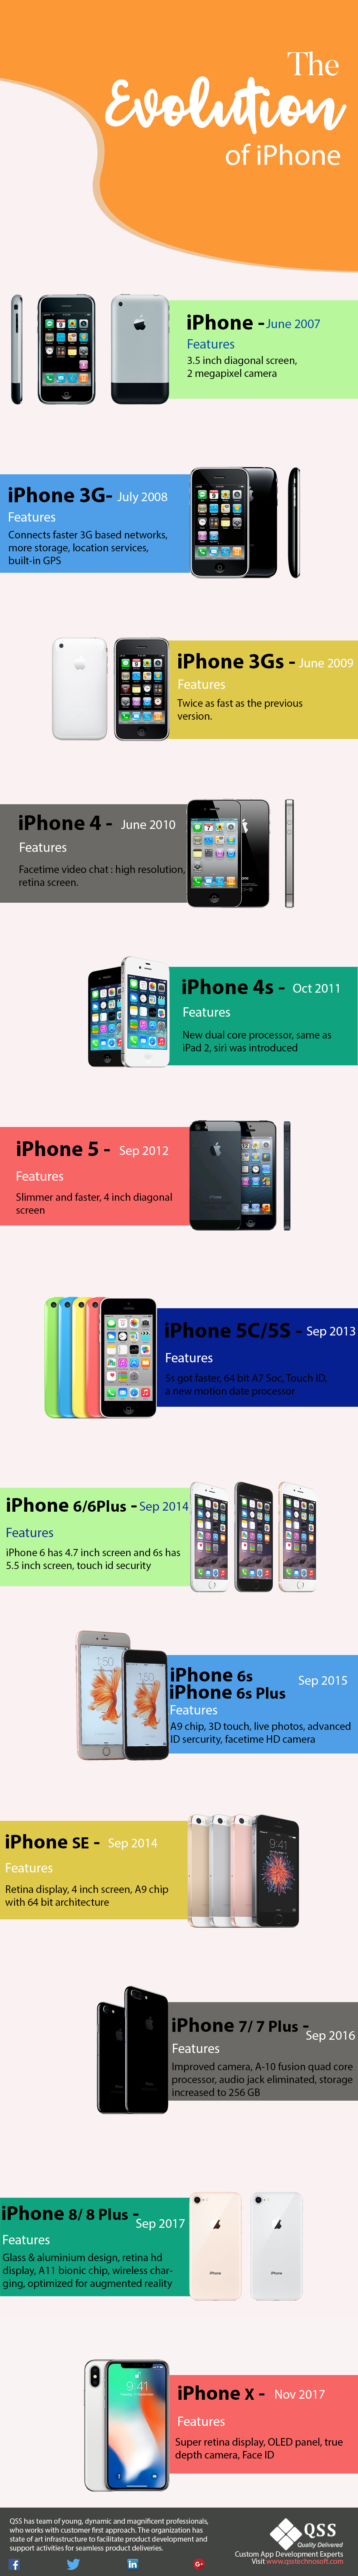 Infographic - iphone